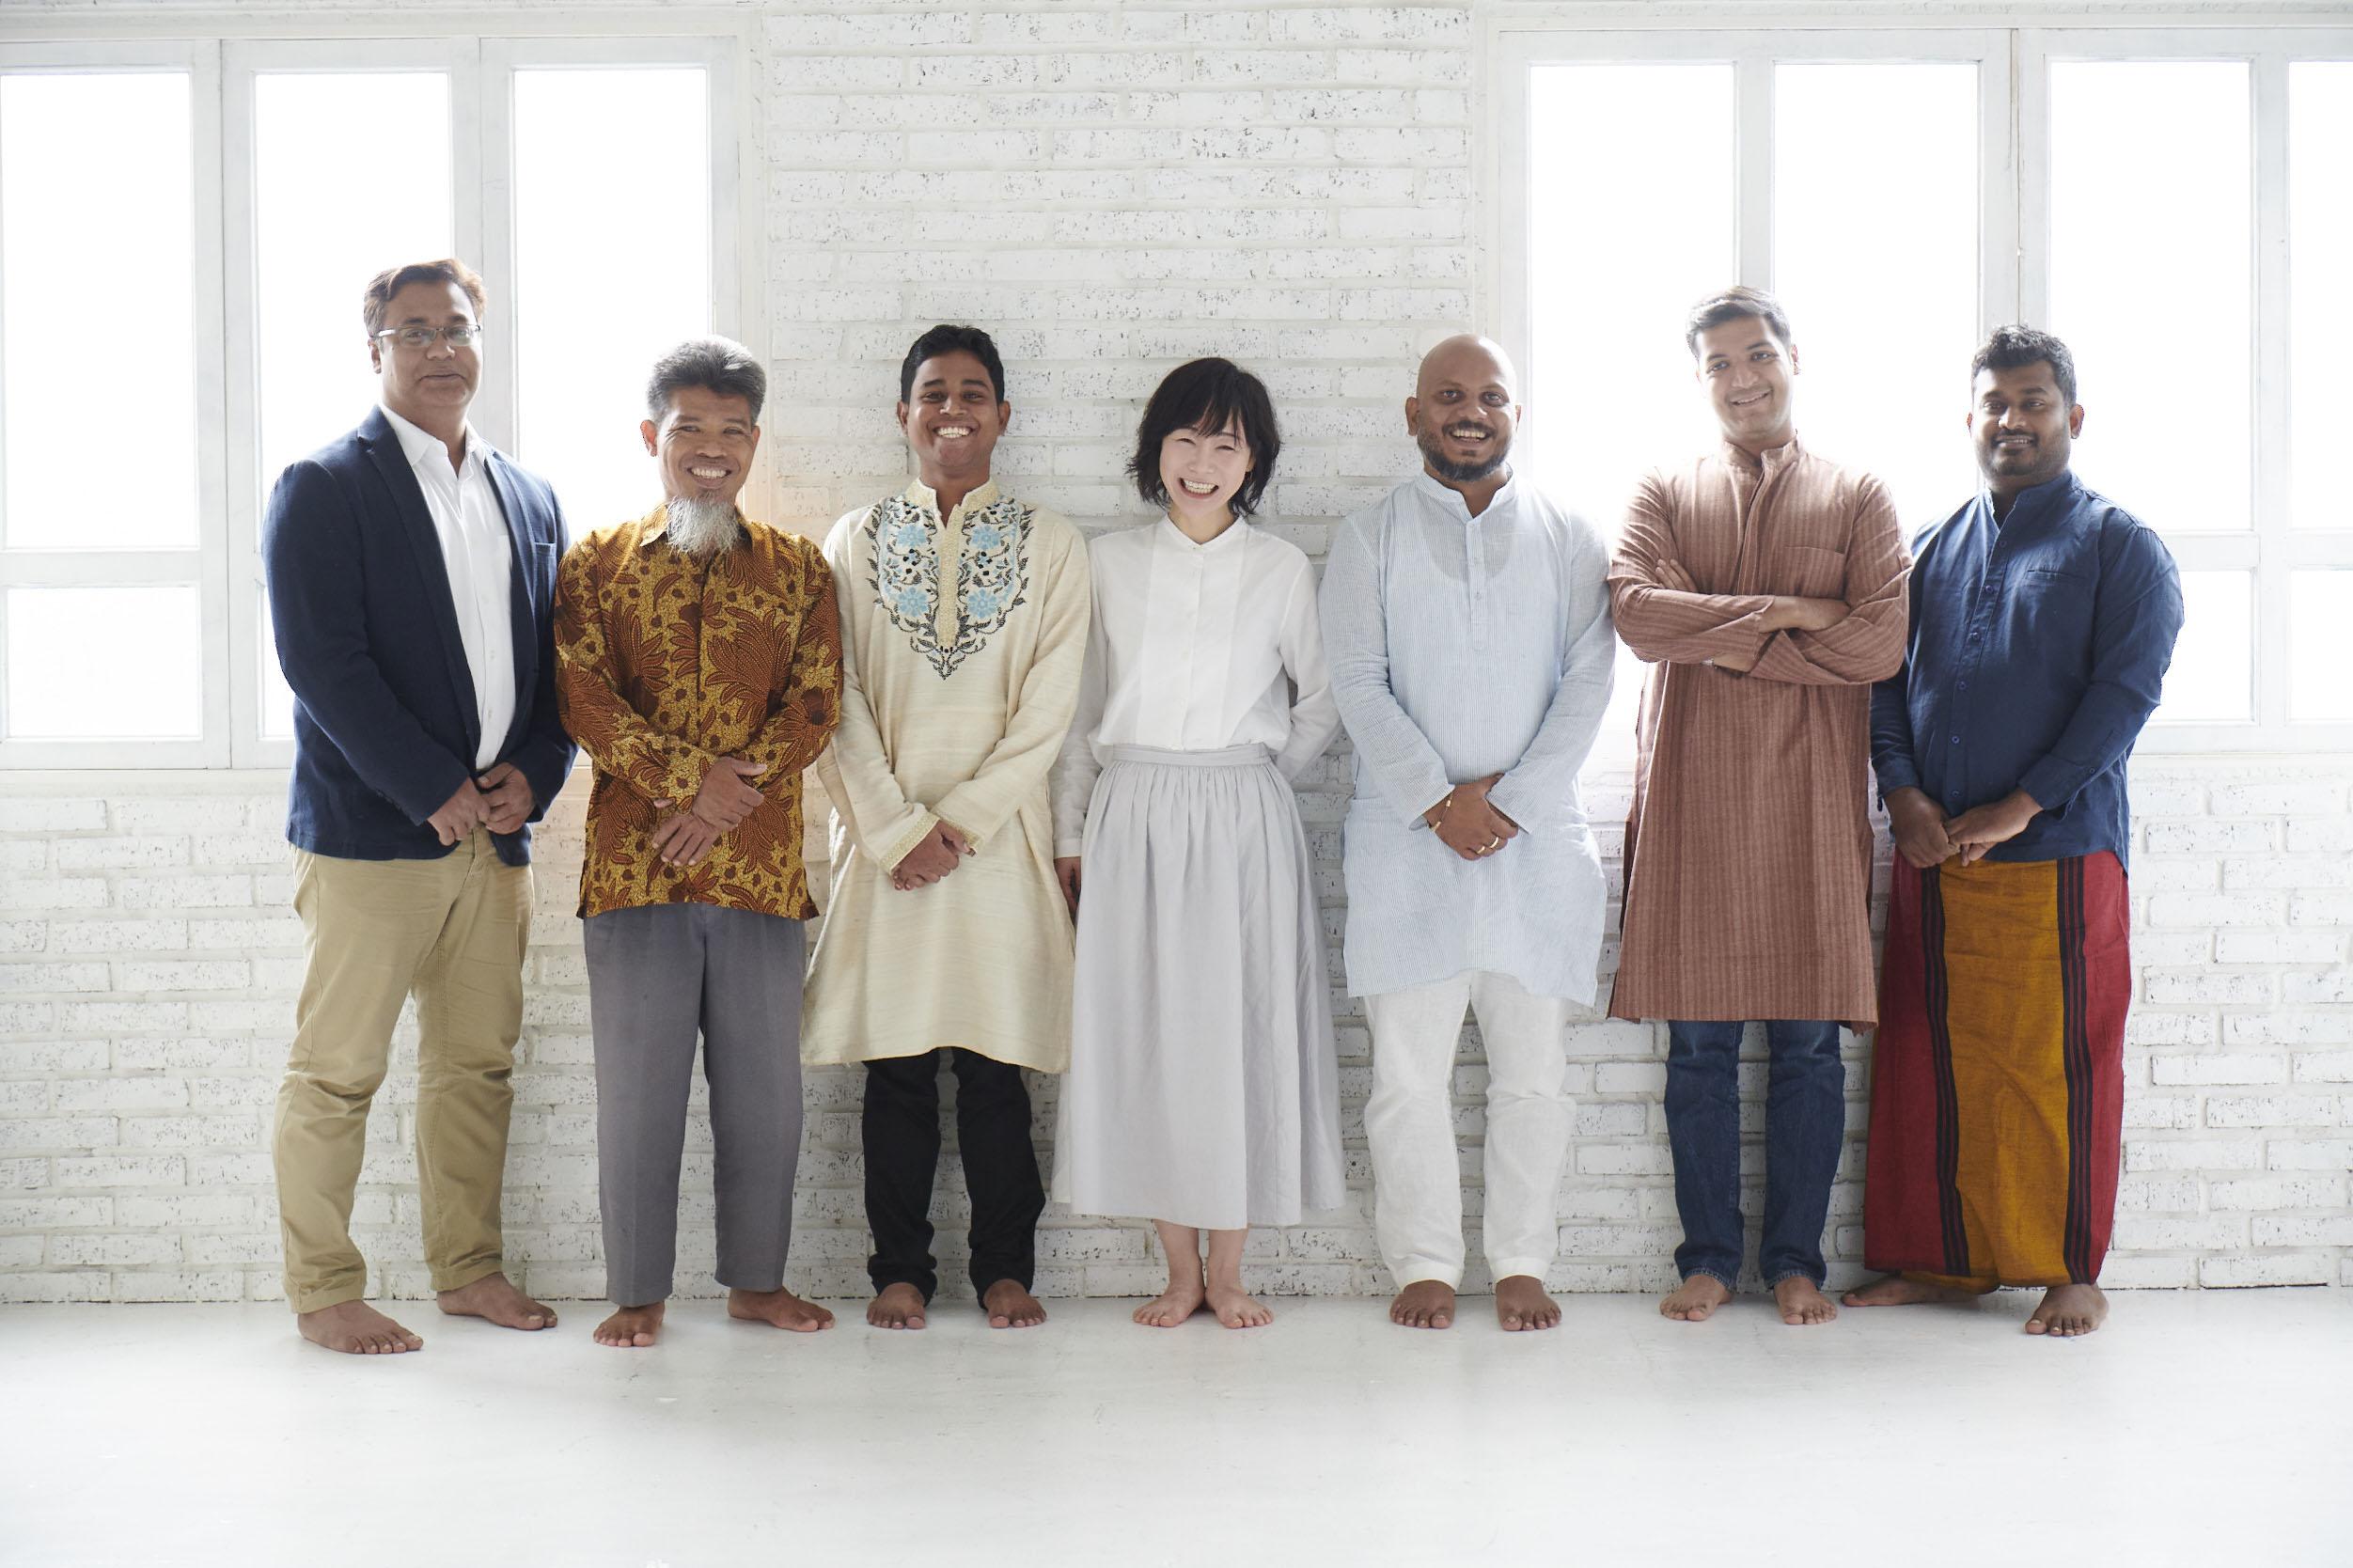 途上国から世界に通用するブランドをつくる。偏見や宗教の違いを乗り越えてビジネスを展開する「マザーハウス 」